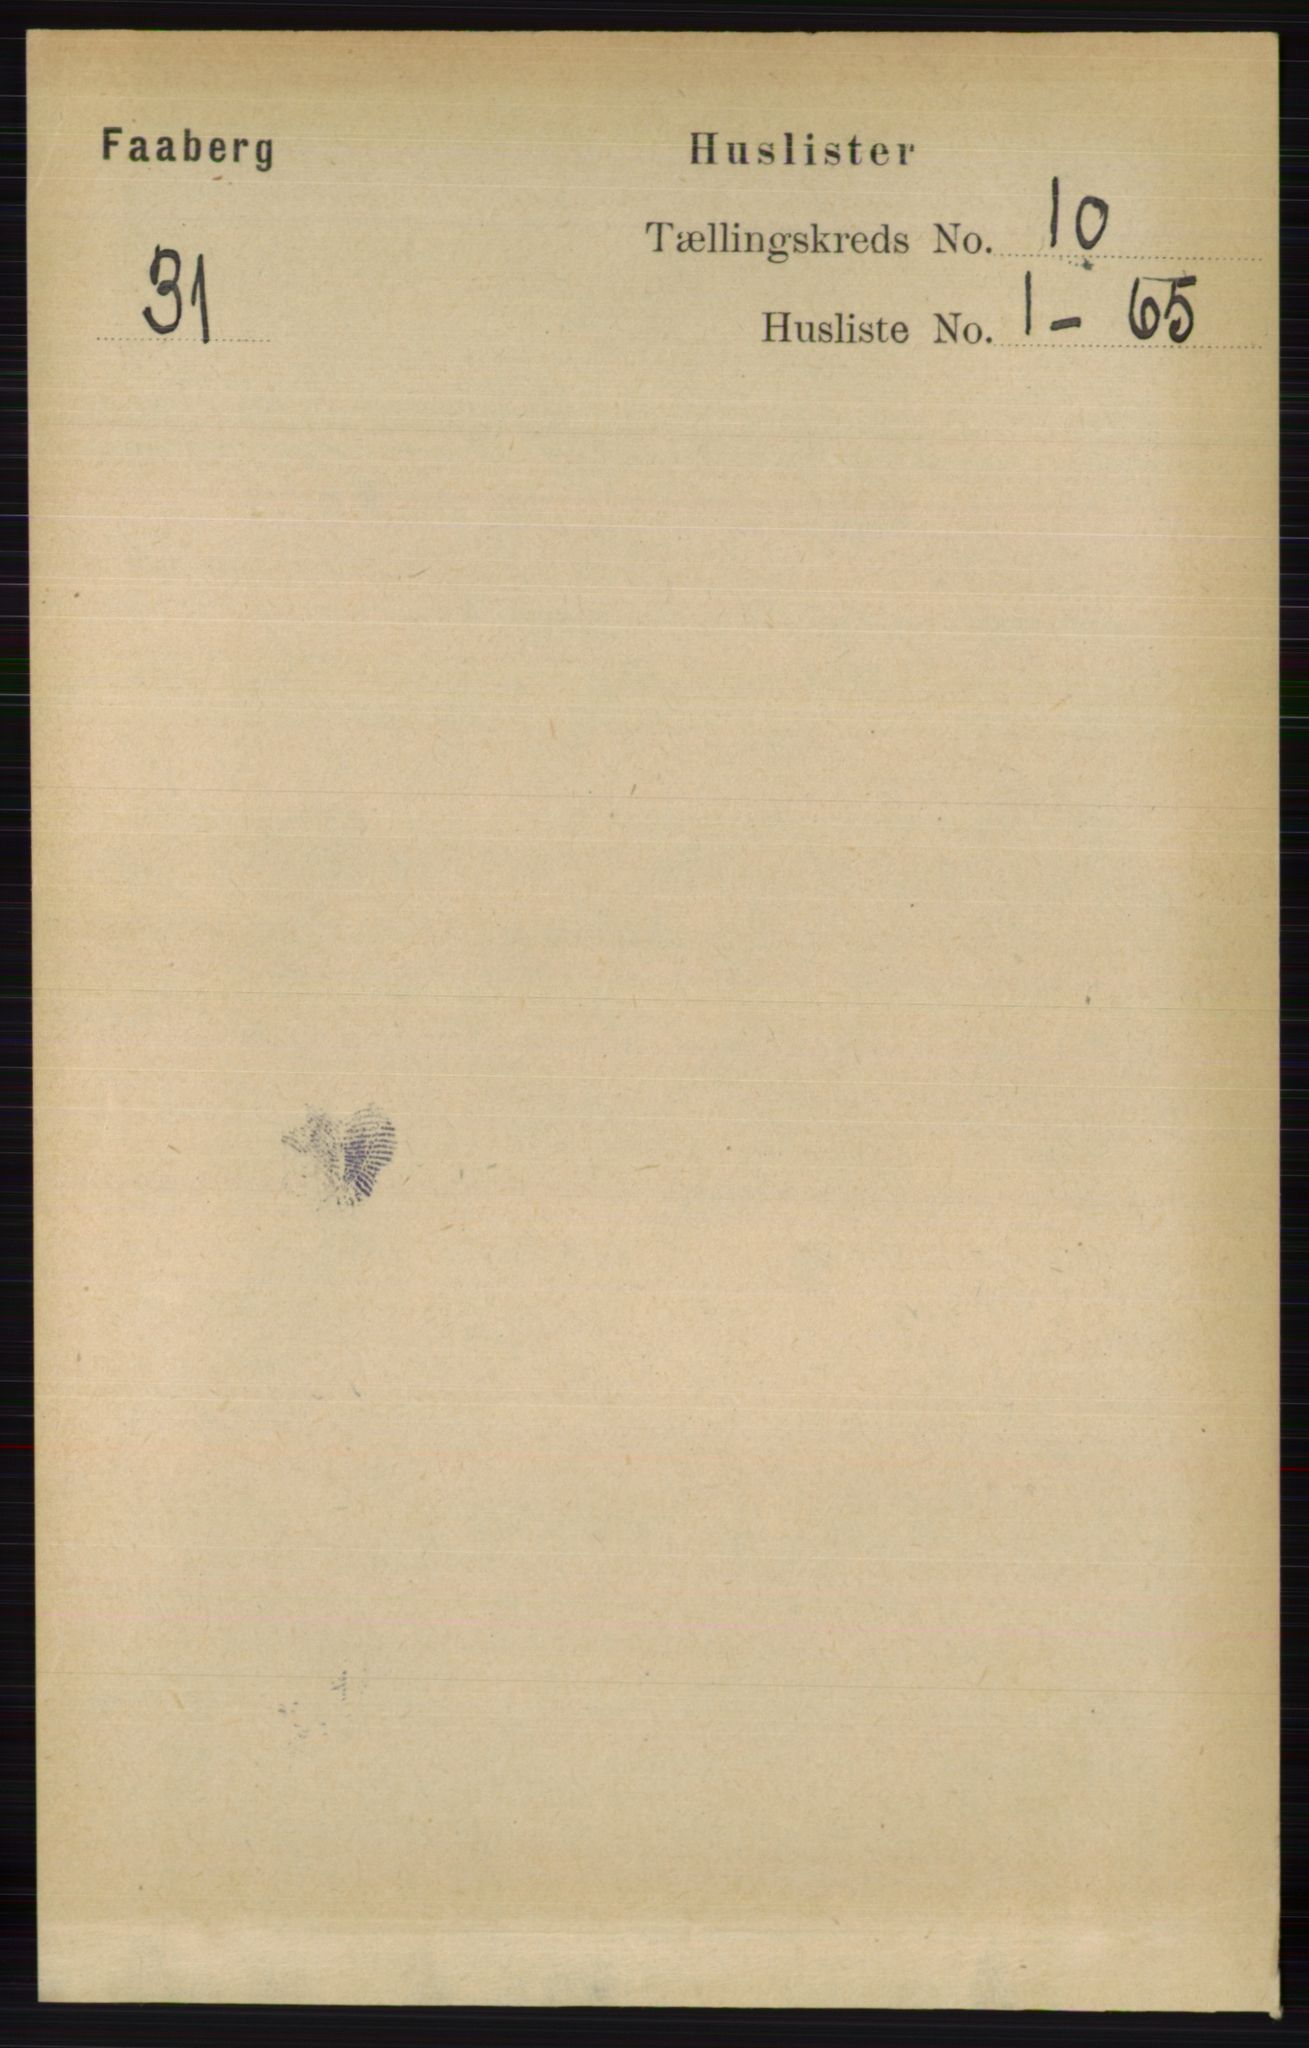 RA, Folketelling 1891 for 0524 Fåberg herred, 1891, s. 4038